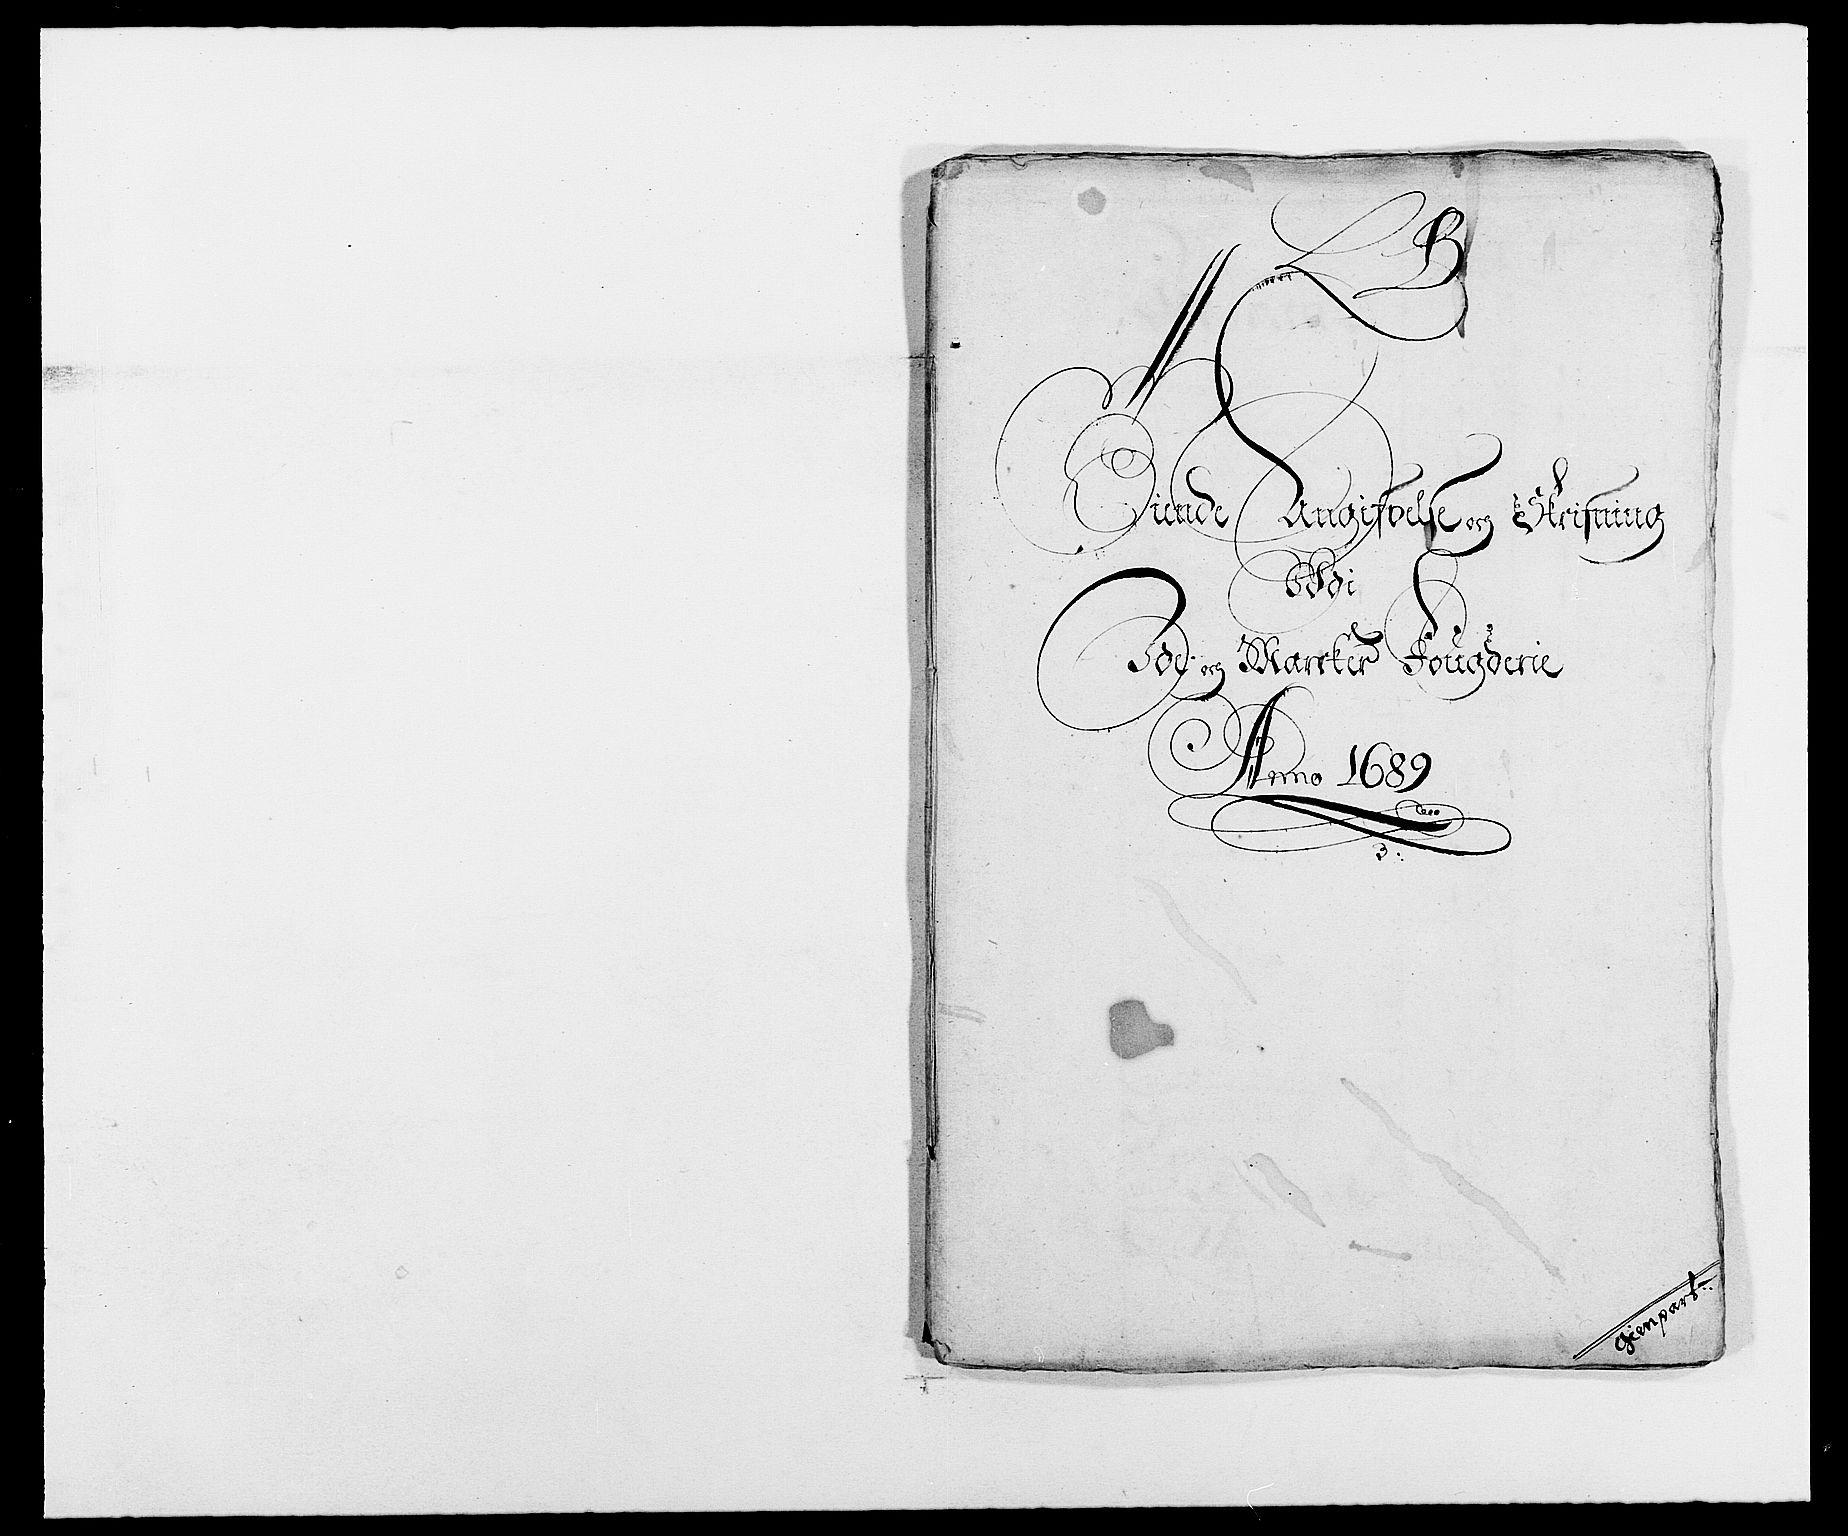 RA, Rentekammeret inntil 1814, Reviderte regnskaper, Fogderegnskap, R01/L0008: Fogderegnskap Idd og Marker, 1689, s. 58